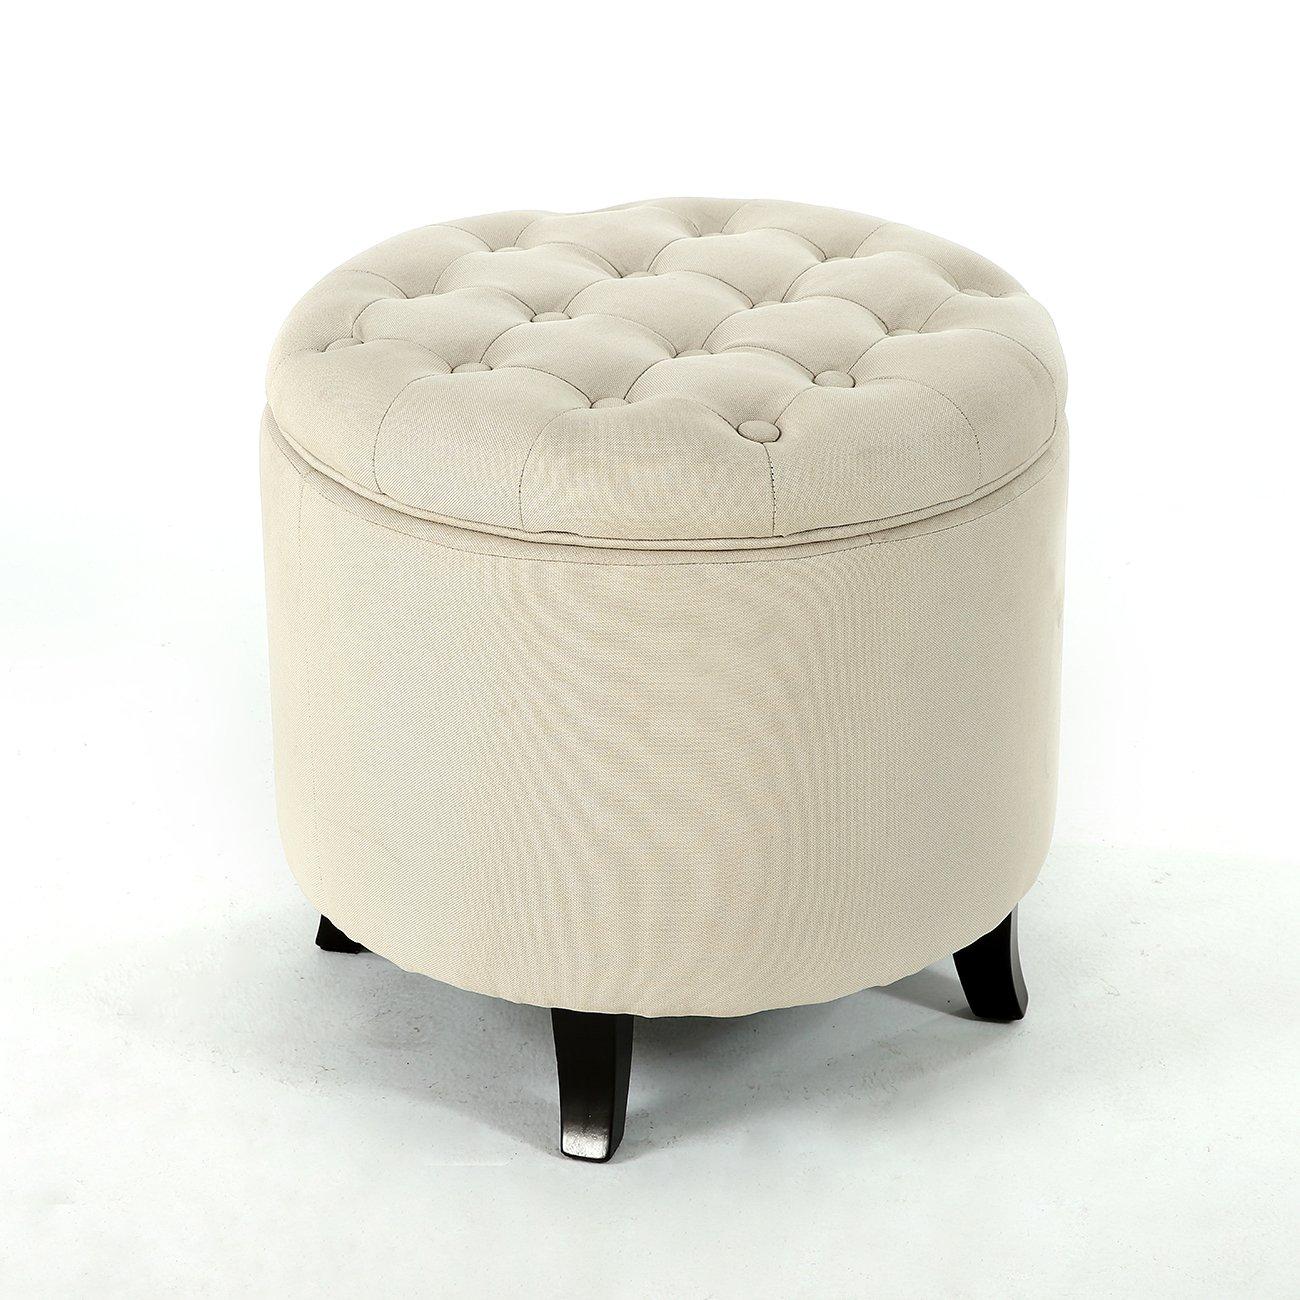 Belleze Modern Button Tufted Accent Storage Ottoman Lift Top Footstool 17-3/4'' Round (Beige)